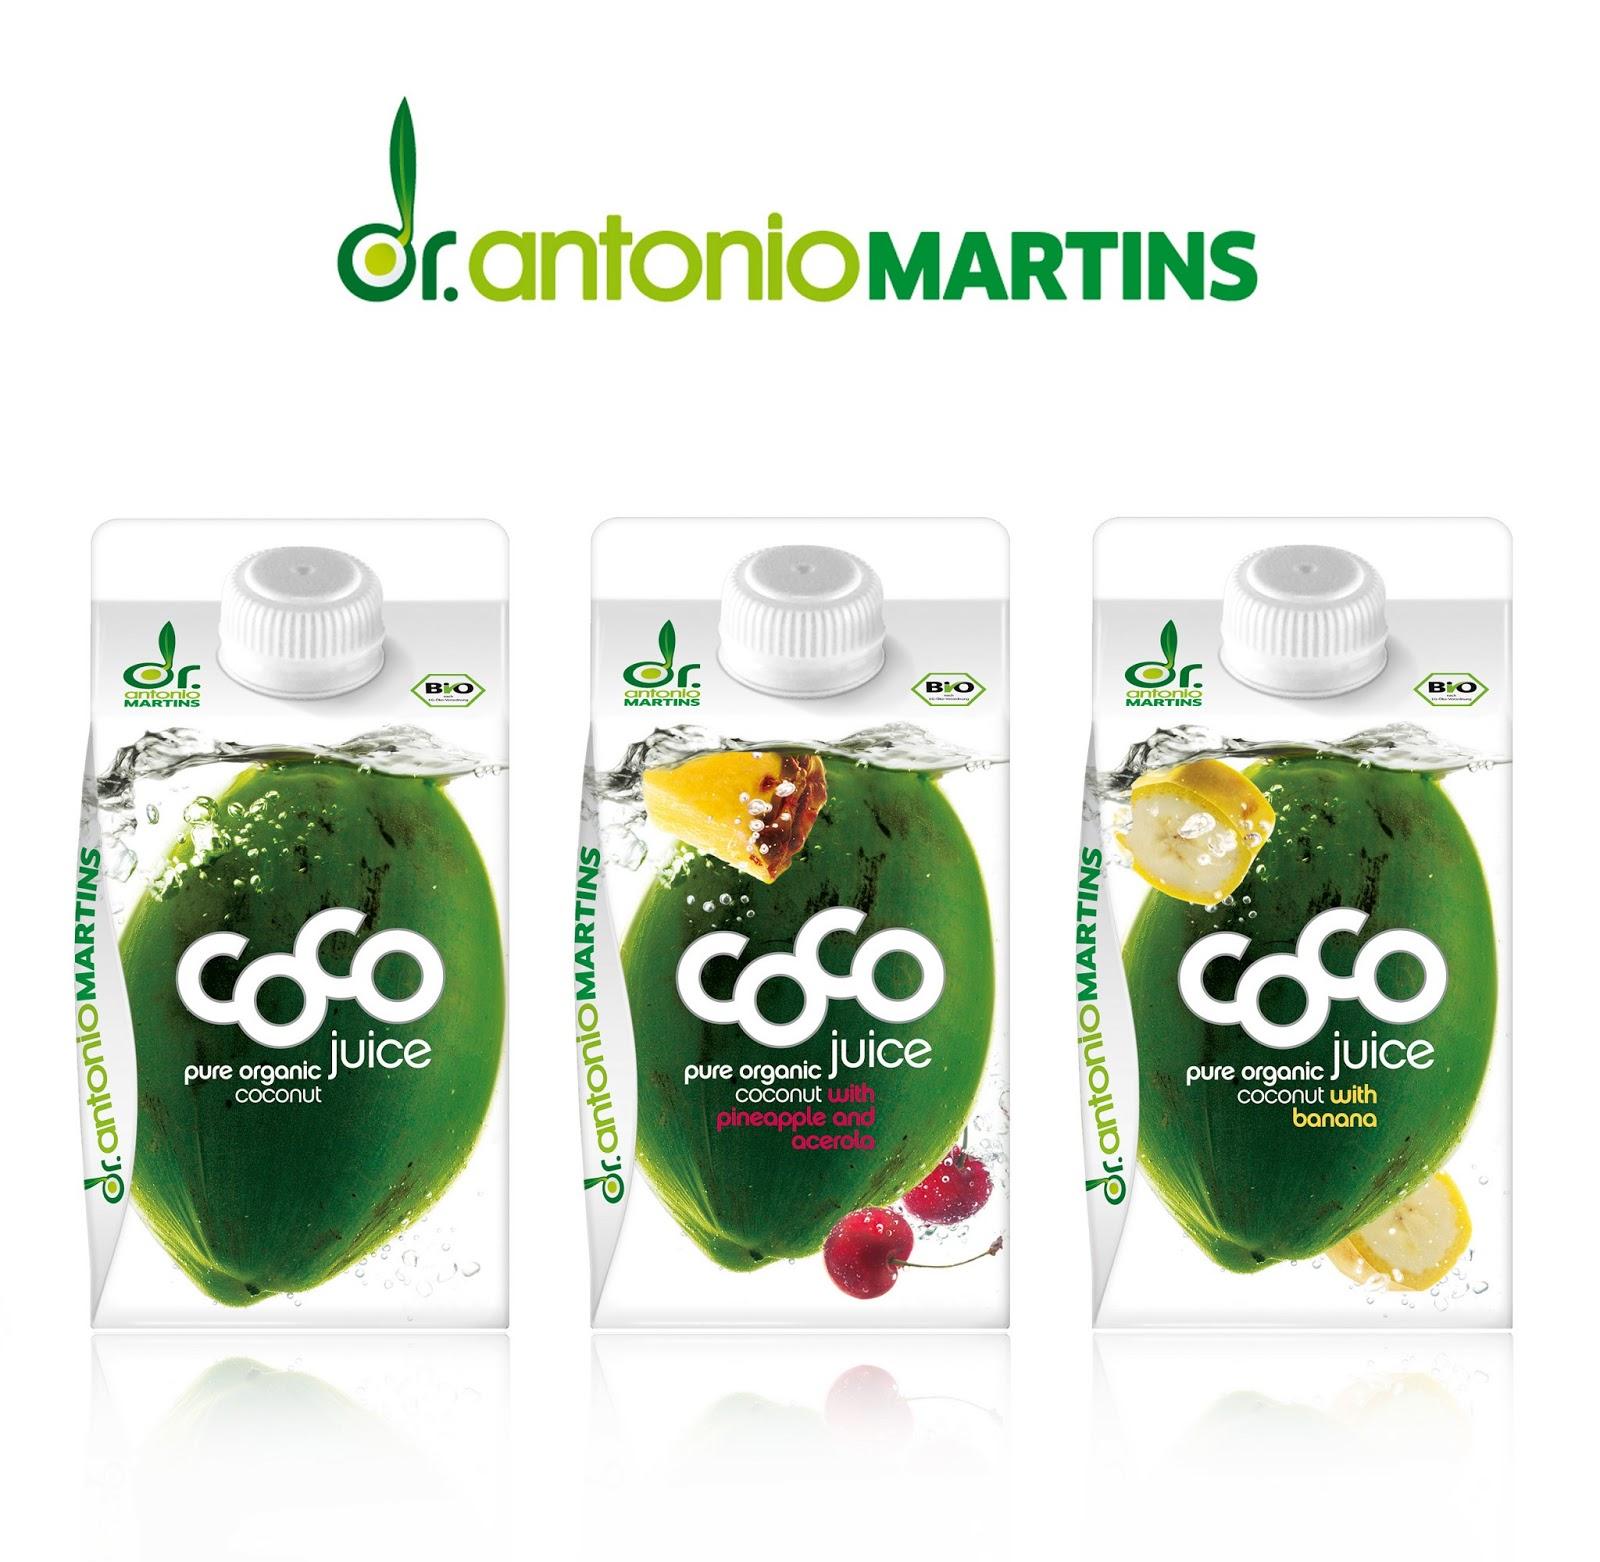 Bien connu L'eau de coco, boisson santé par excellence ! | AlterFood IB92